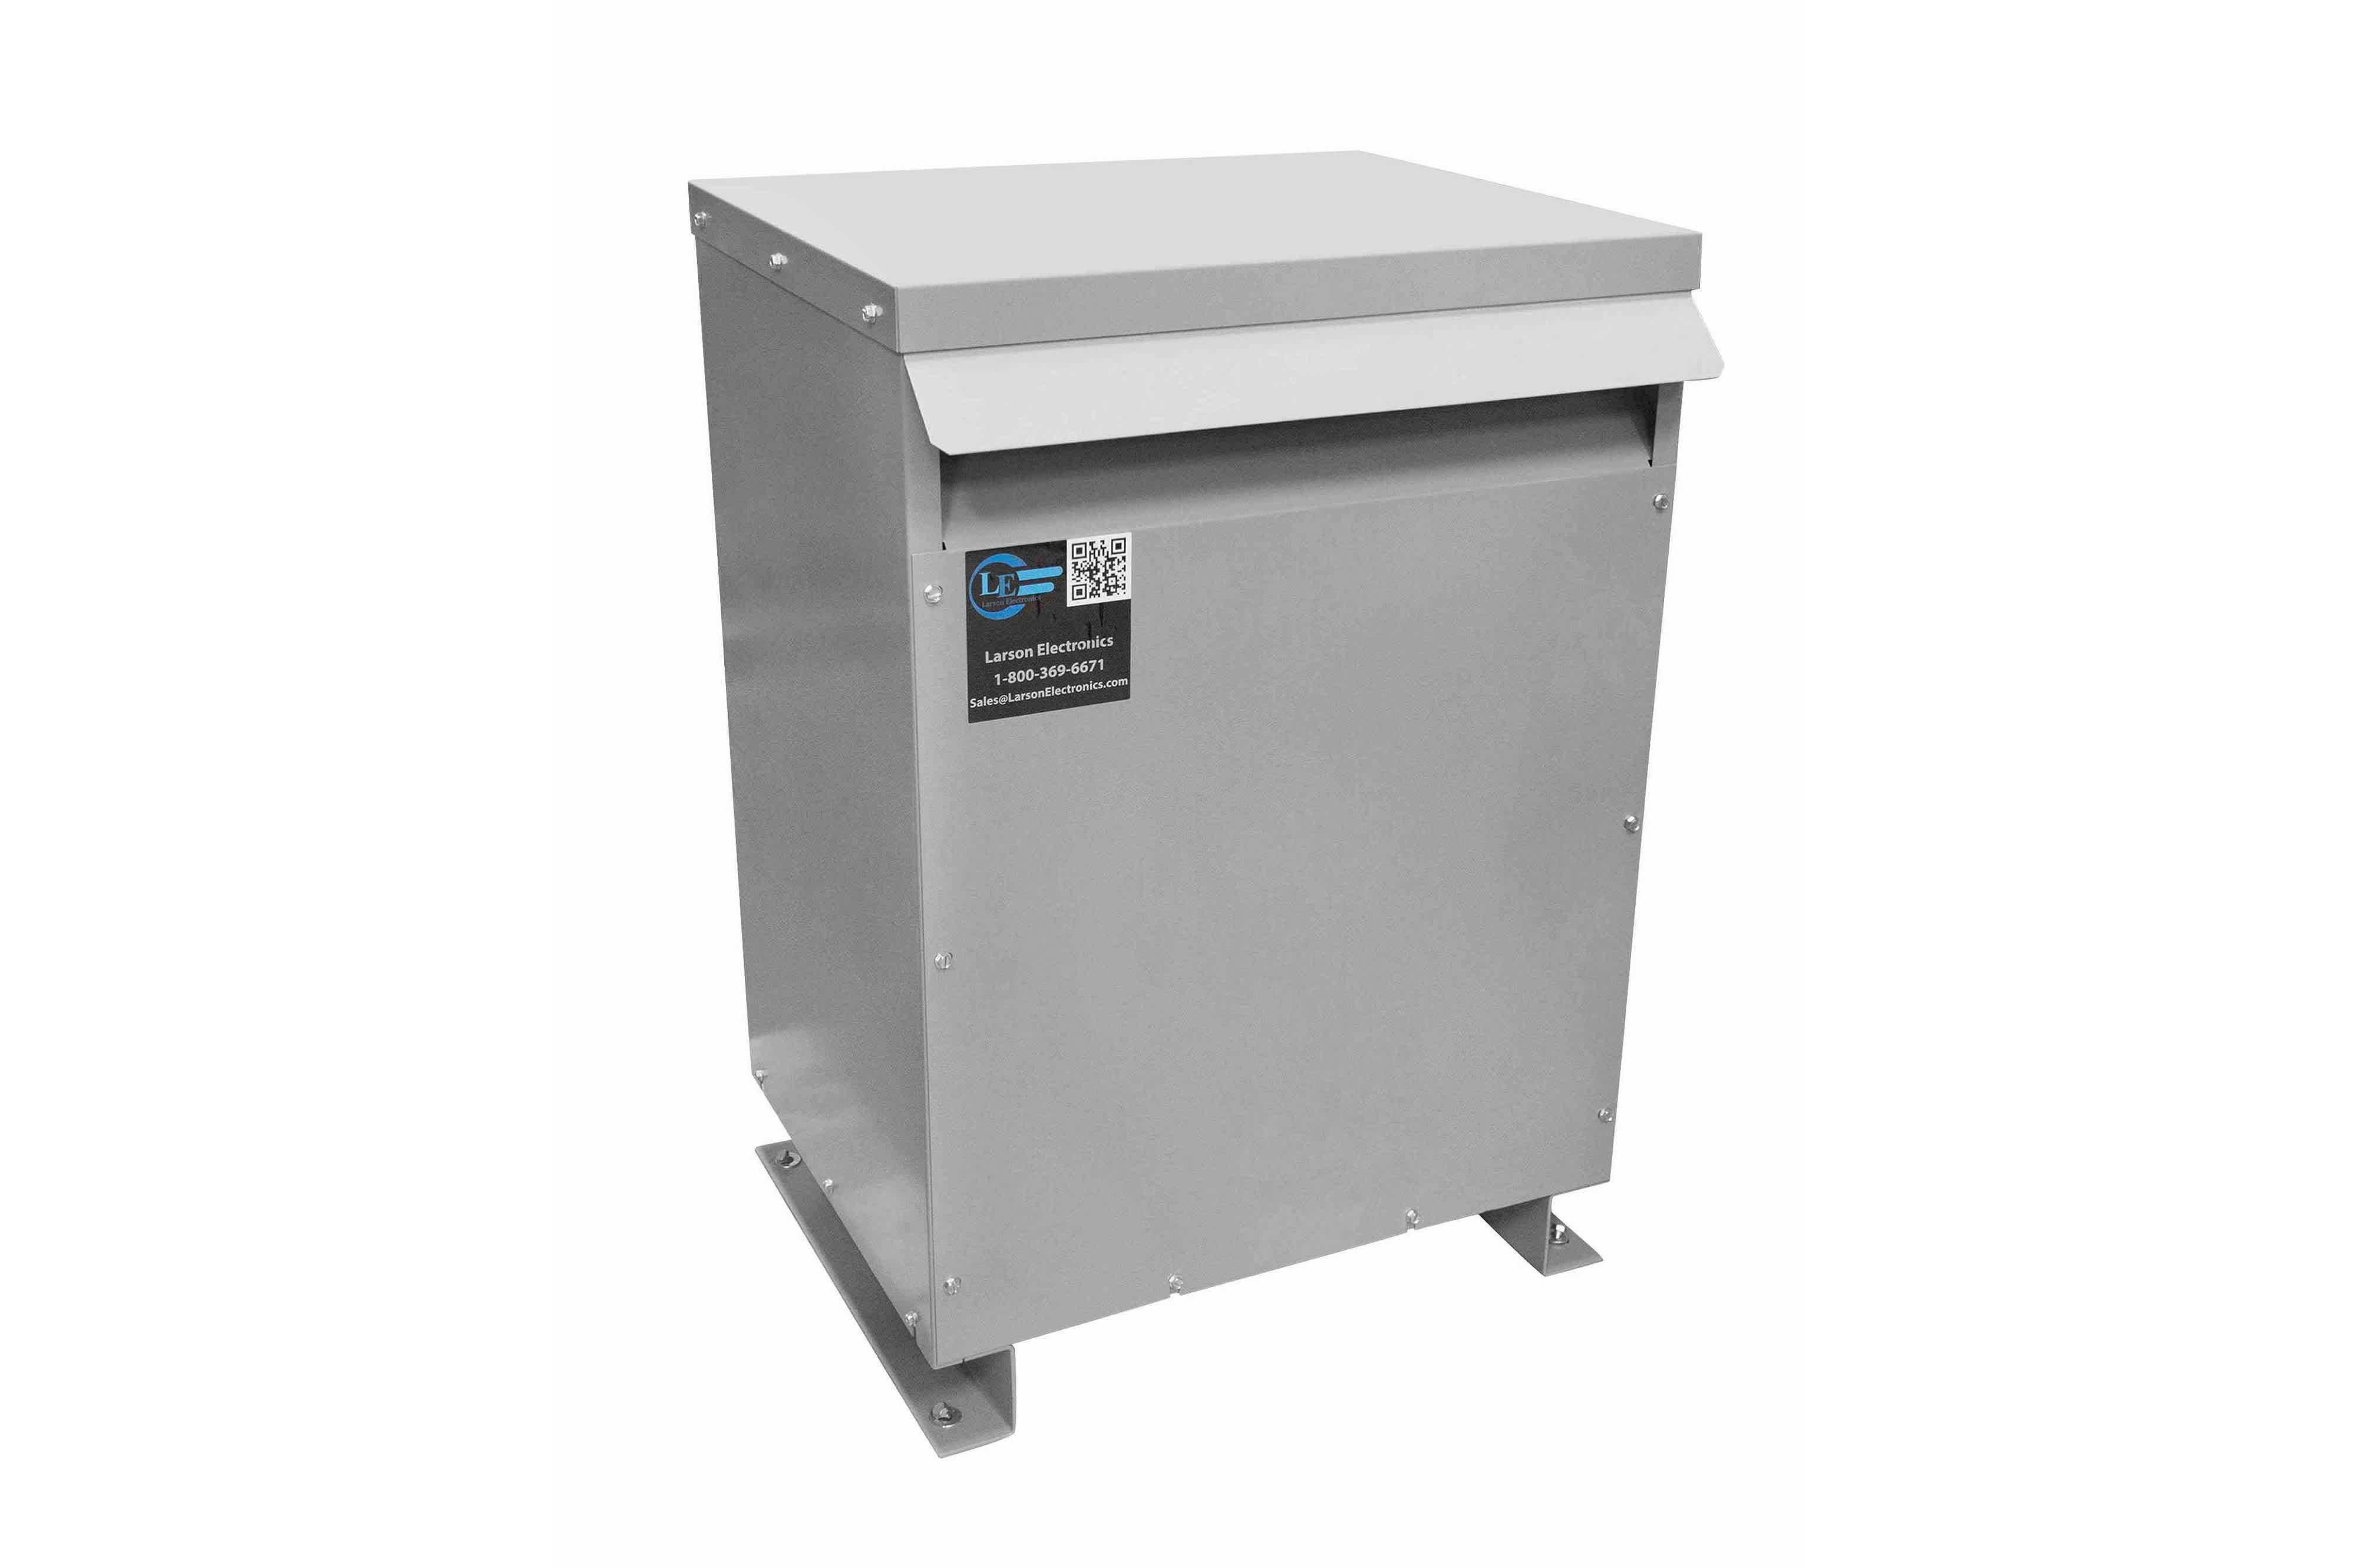 237.5 kVA 3PH Isolation Transformer, 460V Delta Primary, 600V Delta Secondary, N3R, Ventilated, 60 Hz